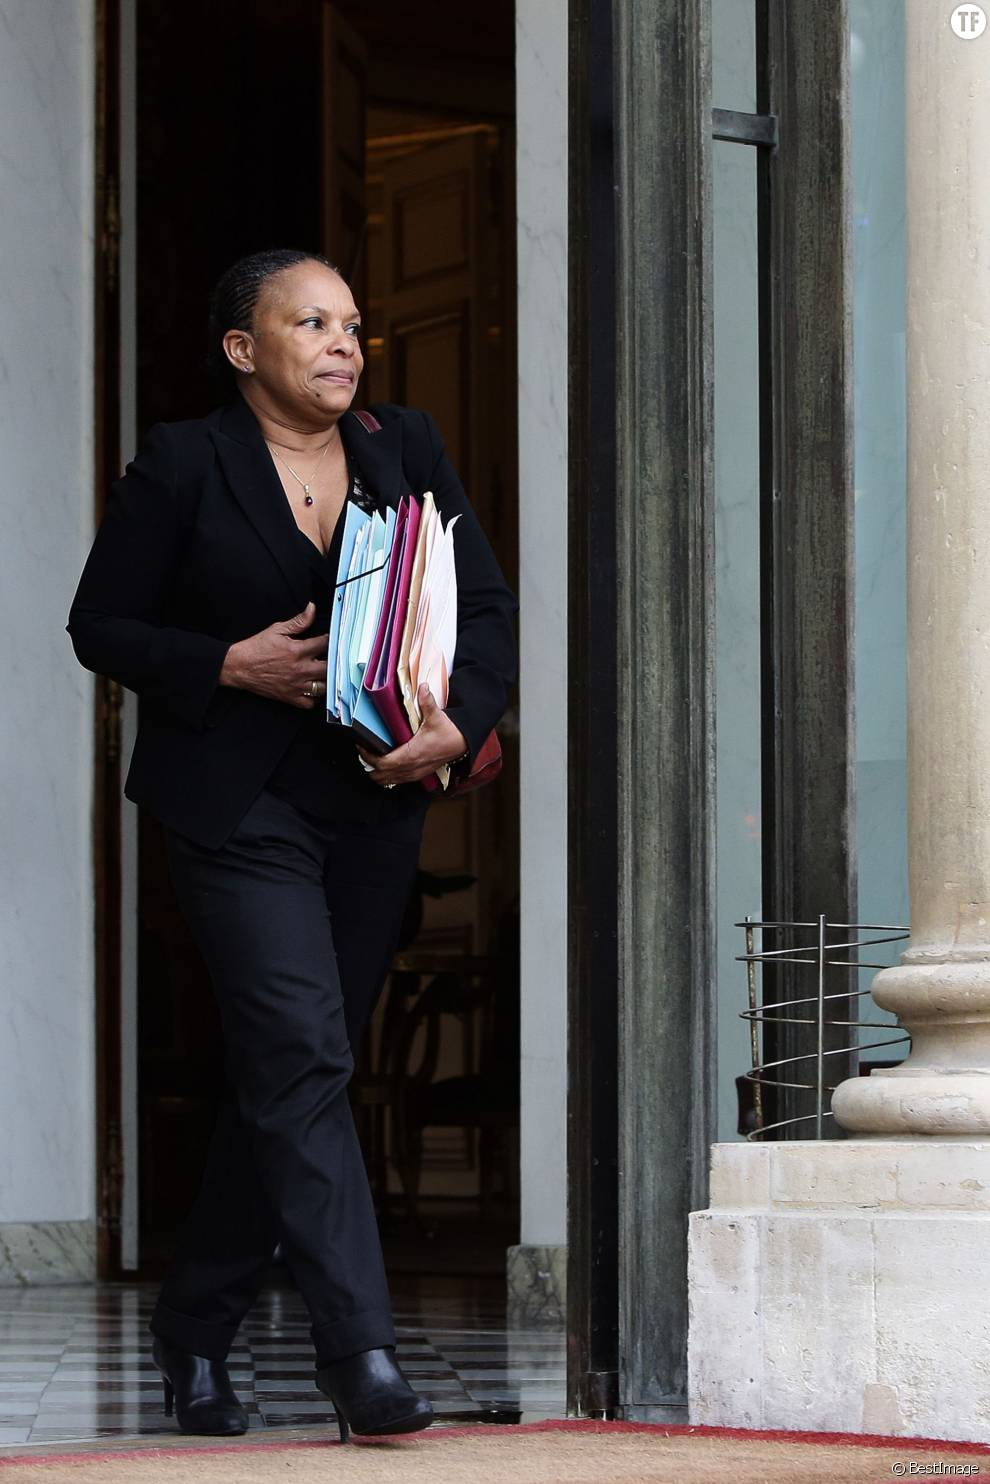 Christiane Taubira, garde des sceaux, ministre de la Justice sortant du conseil des ministres au palais de l'Elysée à Paris, le 13 janvier 2016. © Stéphane Lemouton/Bestimage